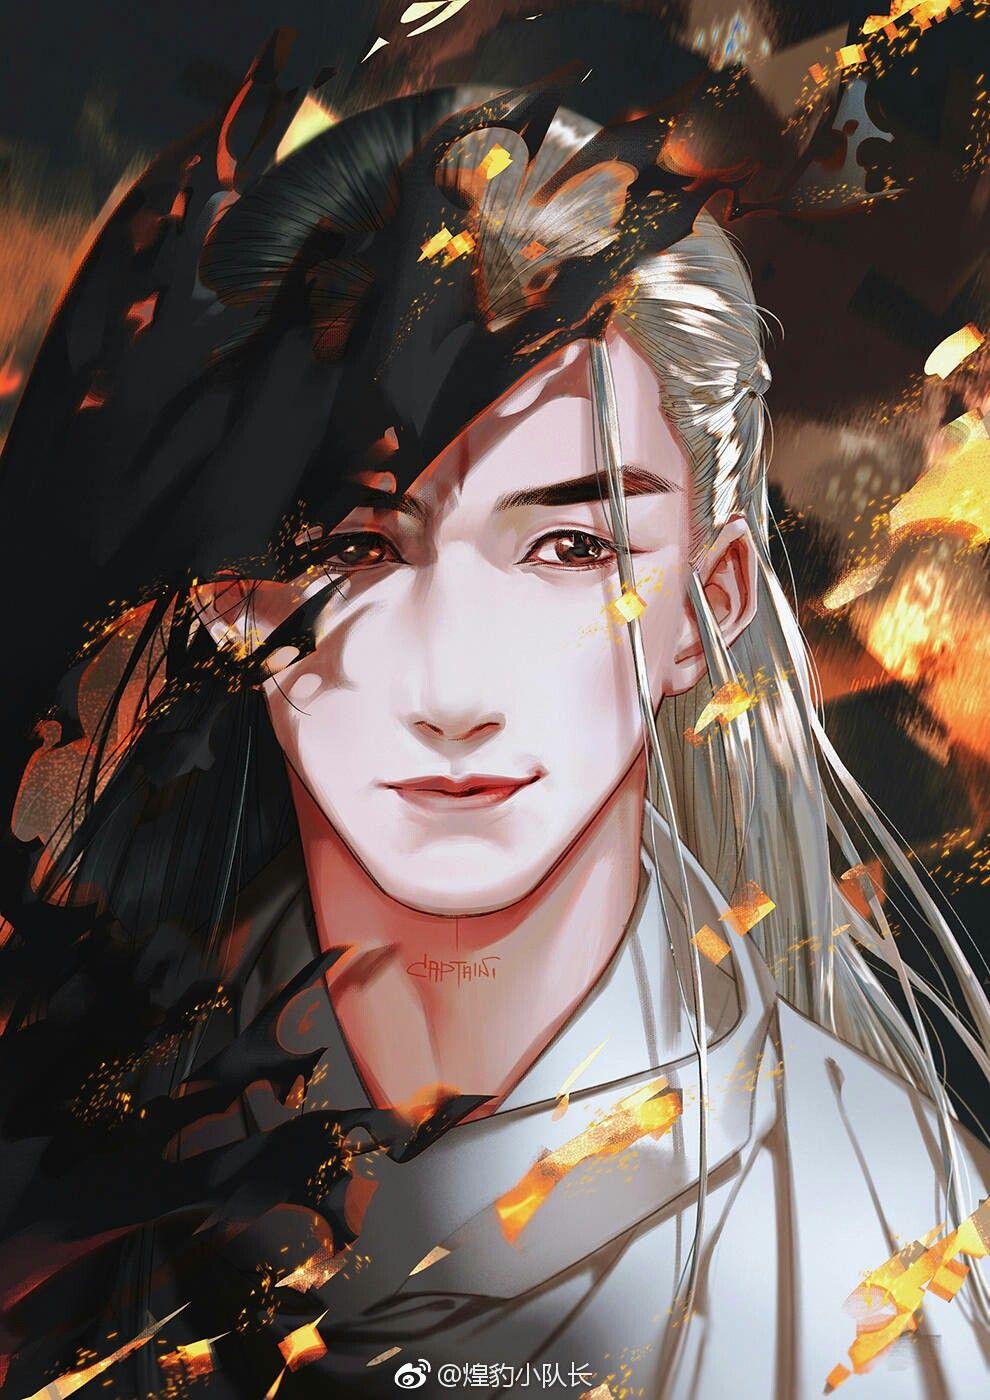 [Trấn Hồn] Anime, Nghệ thuật, Trai đẹp